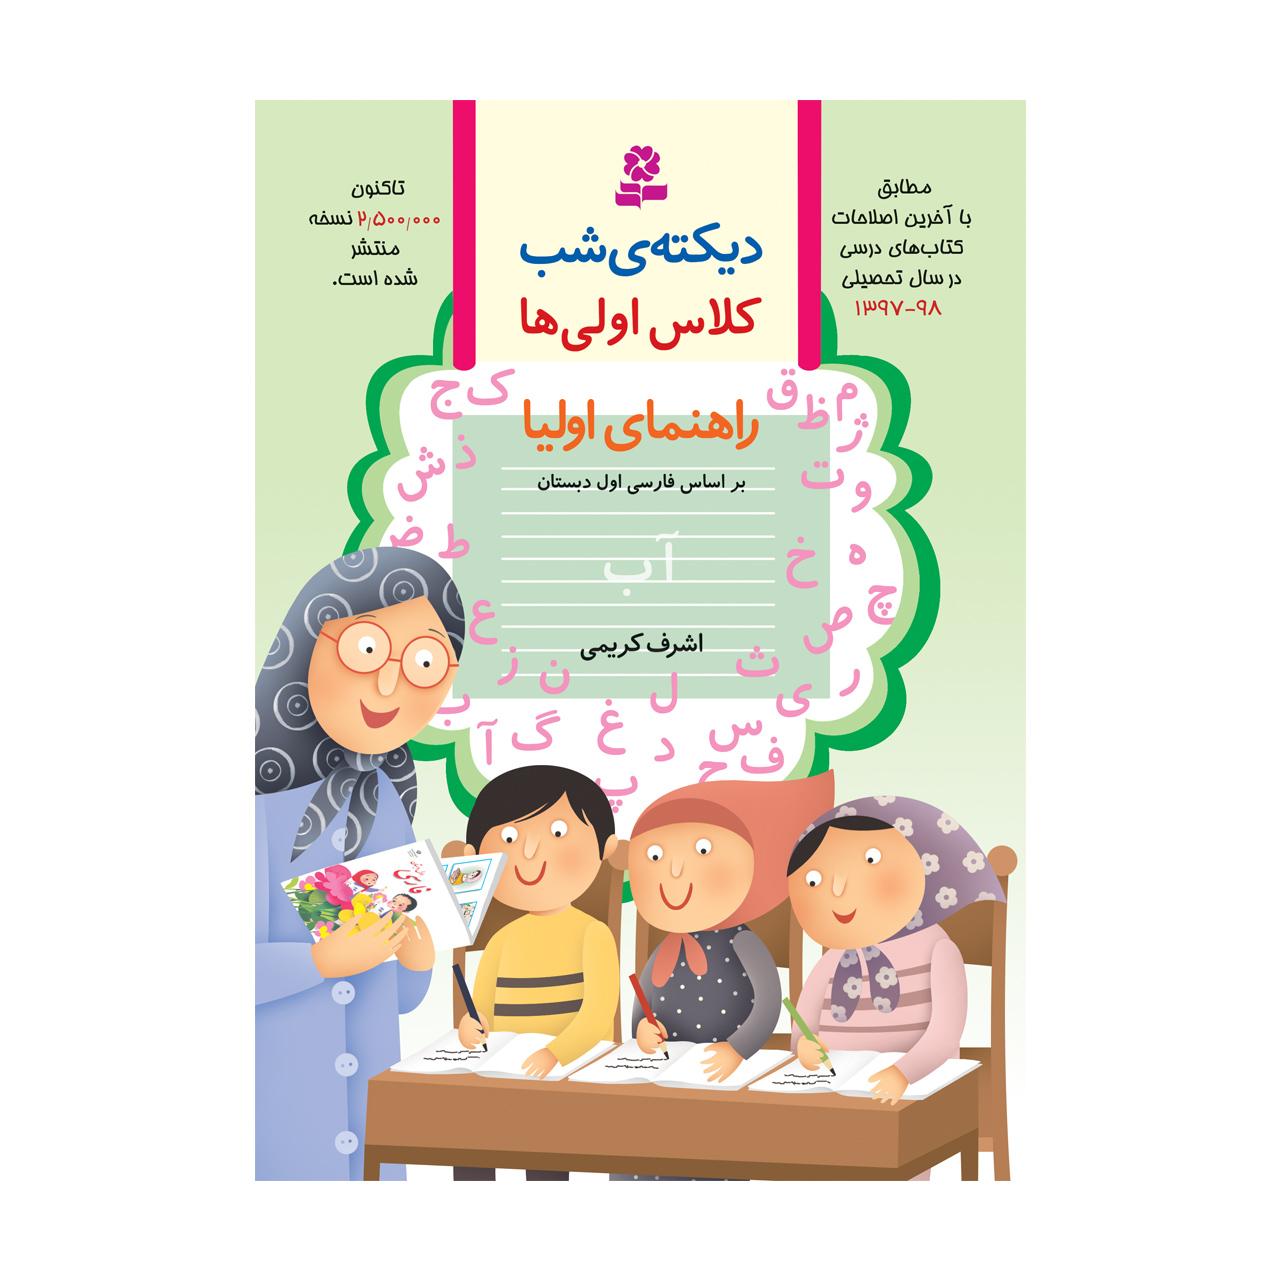 خرید                      کتاب ديکتهی شب کلاس اول دبستان  اثر اشرف کریمی